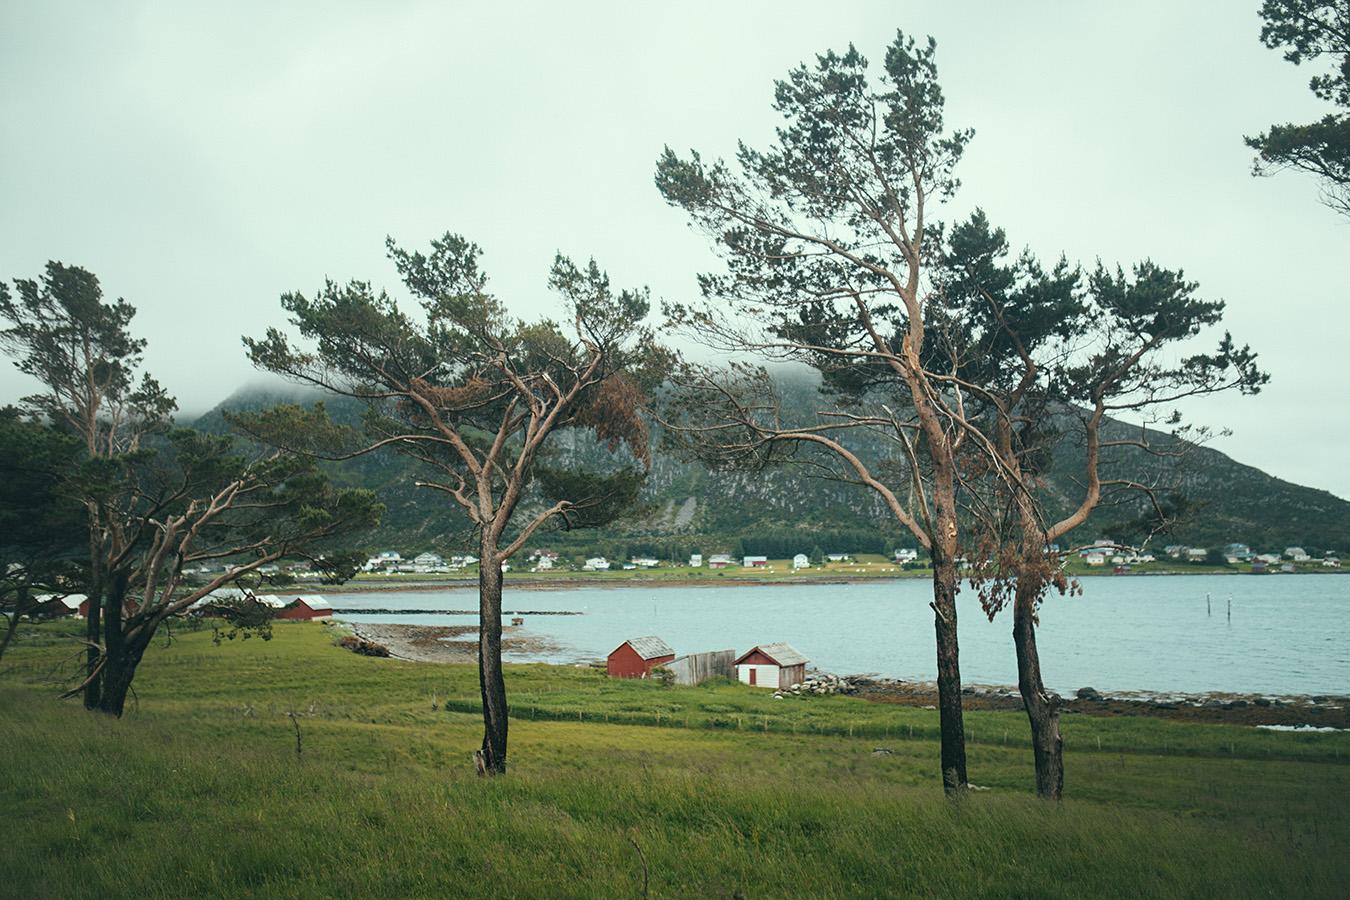 Runde, Norwegia